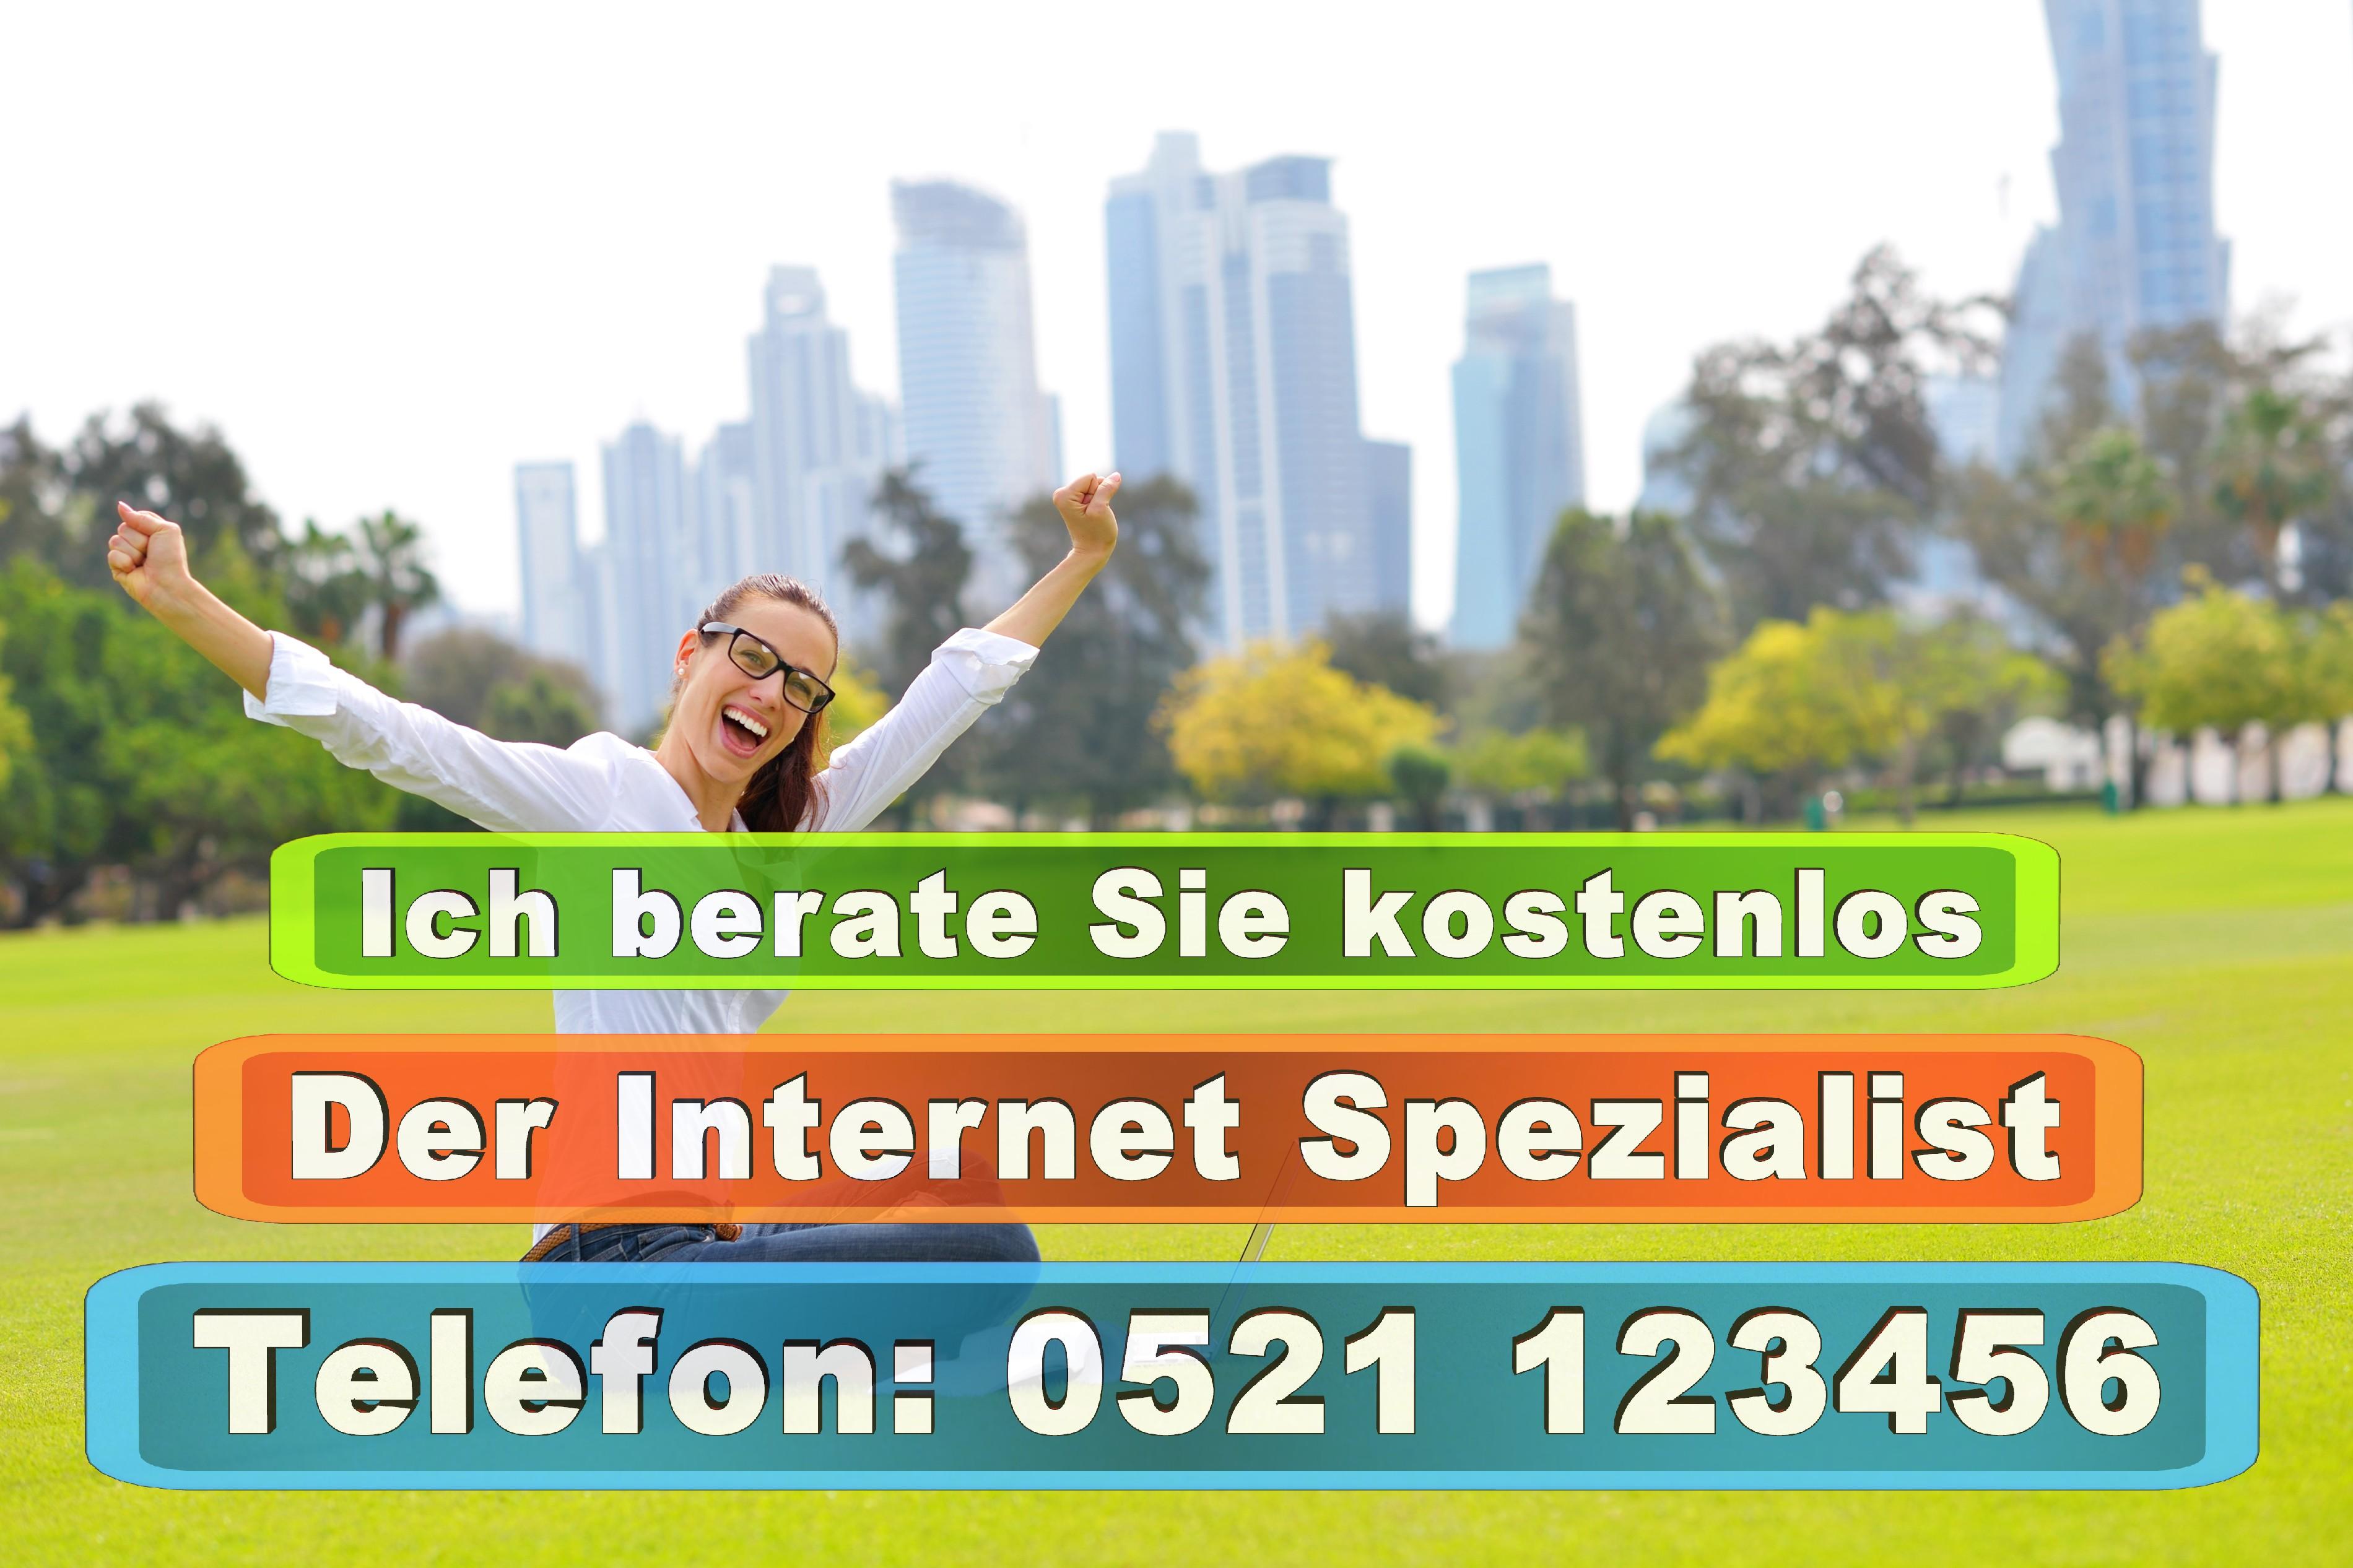 UNI Bielefeld Universität Bielefeld NRW Studentenwohnheim Mensa UNI Bielefeld NRW (6)